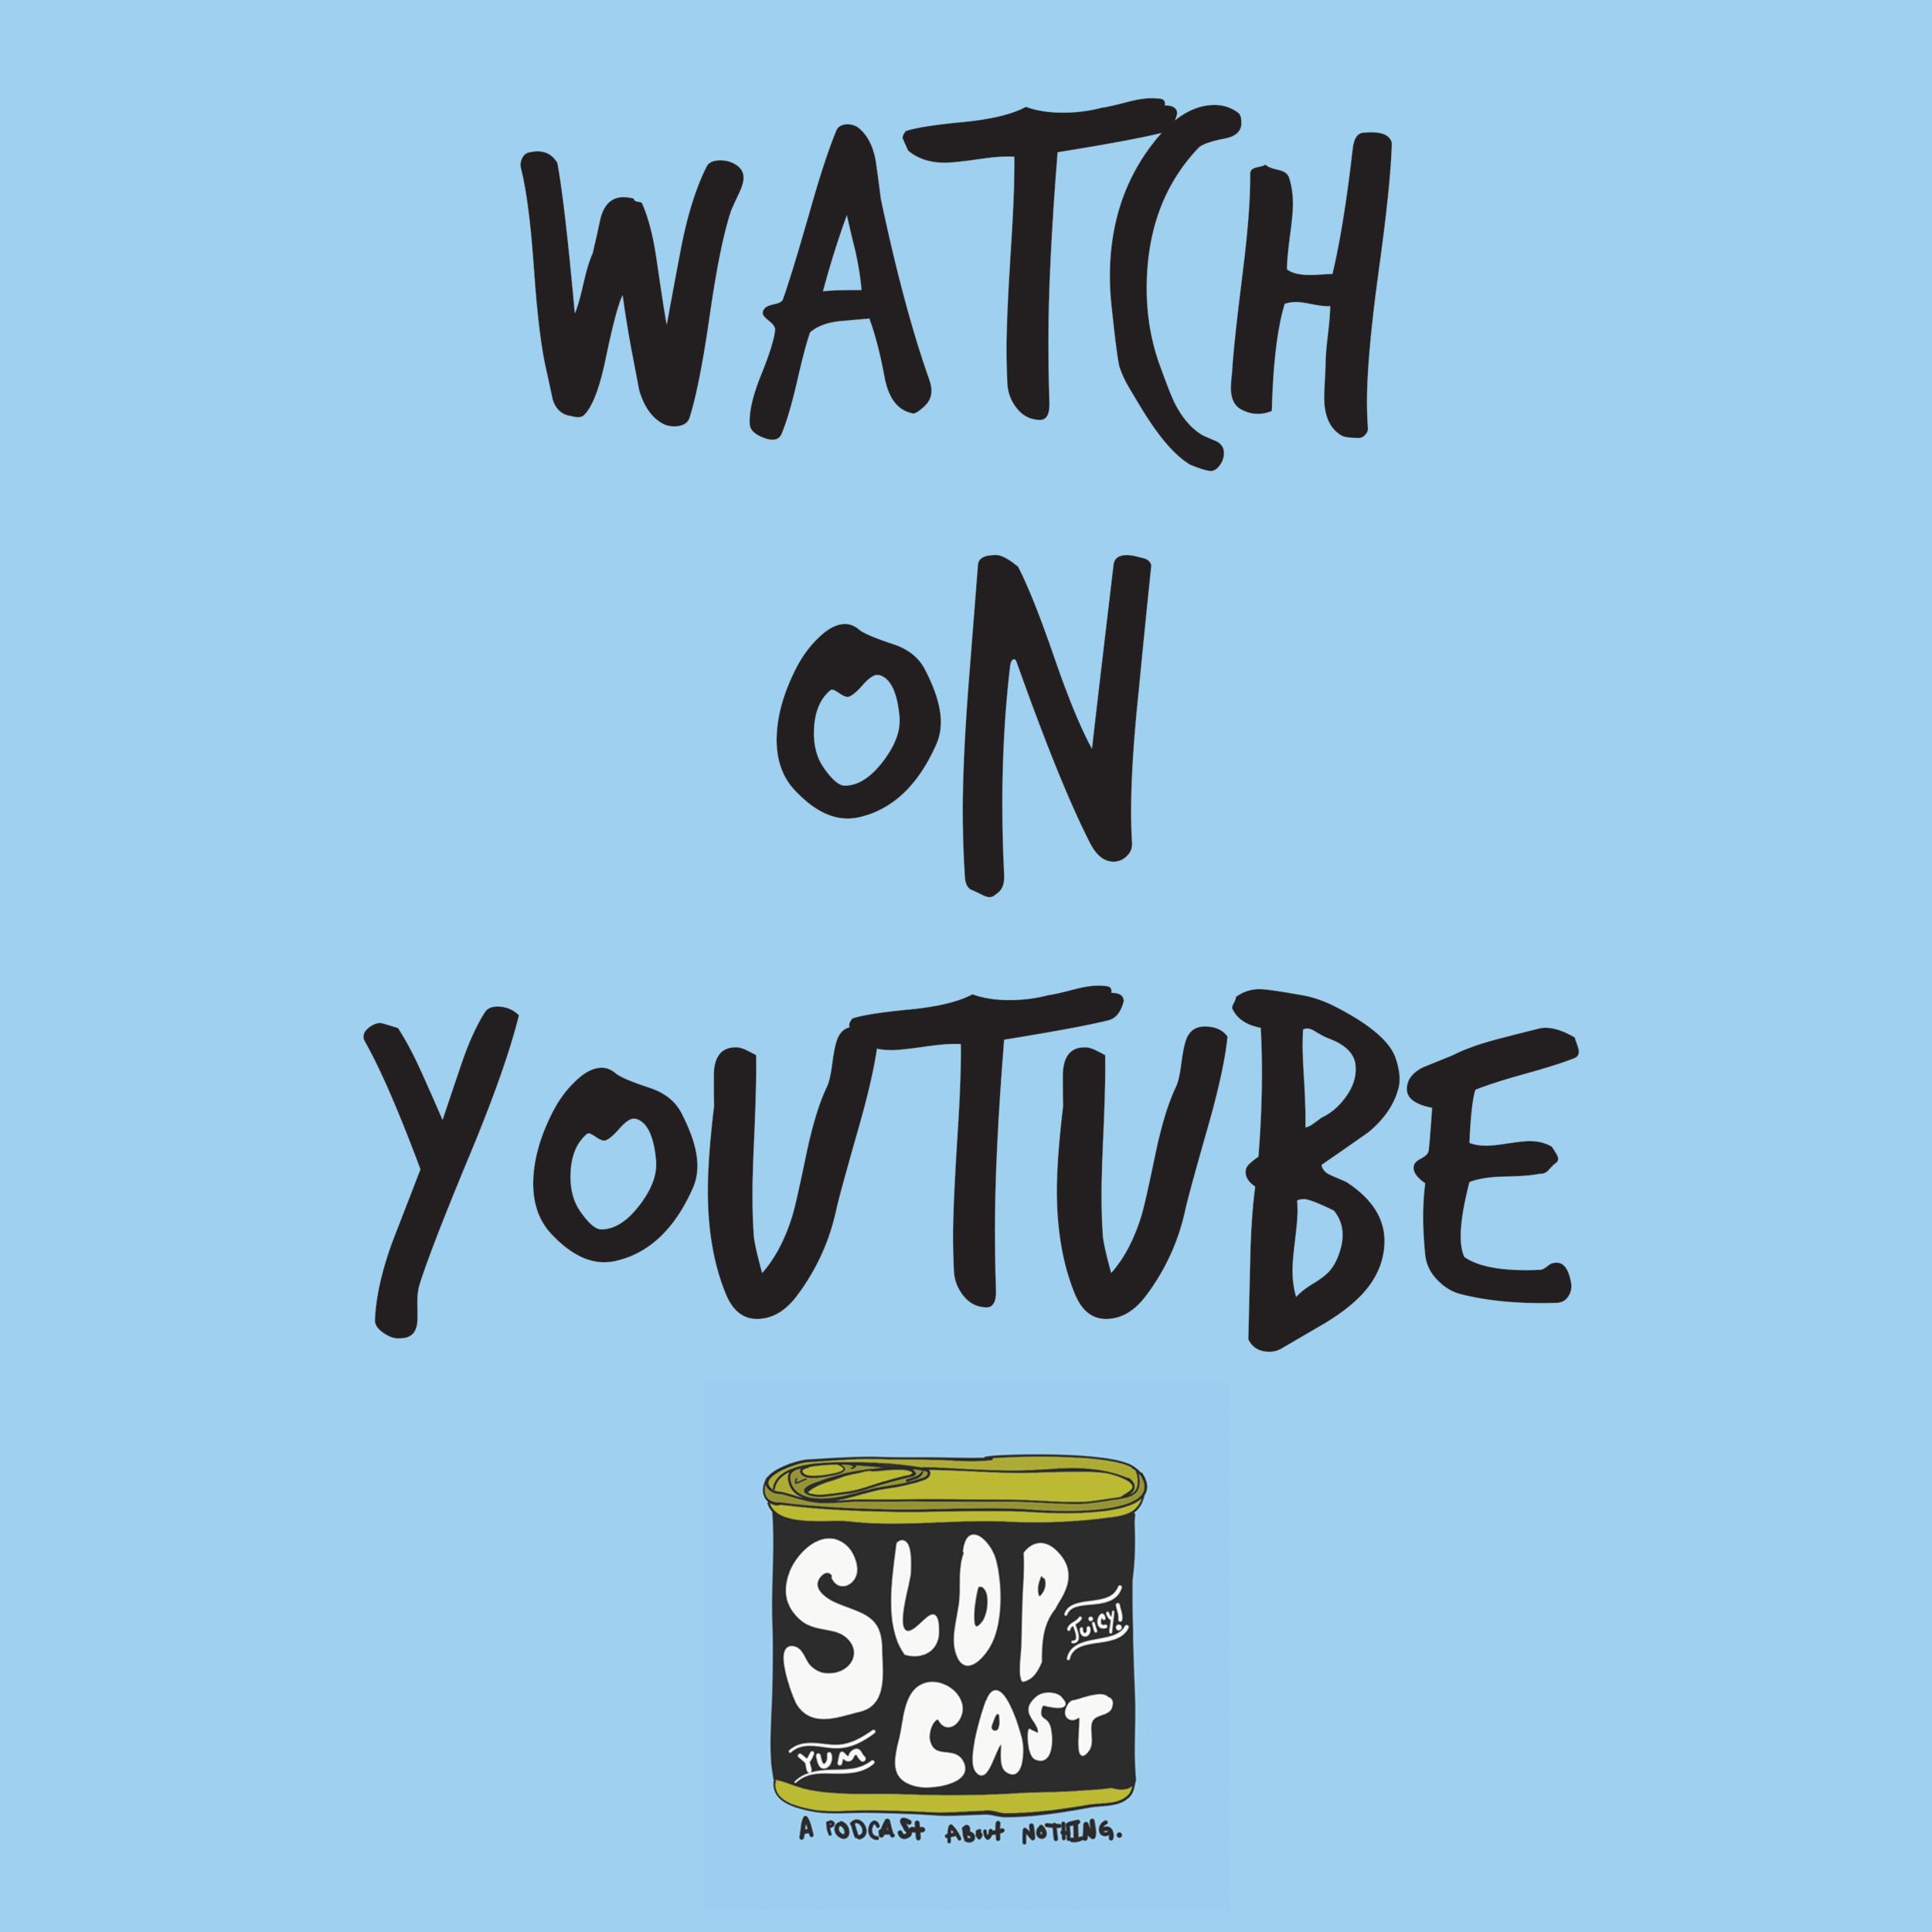 Slopcast Youtube